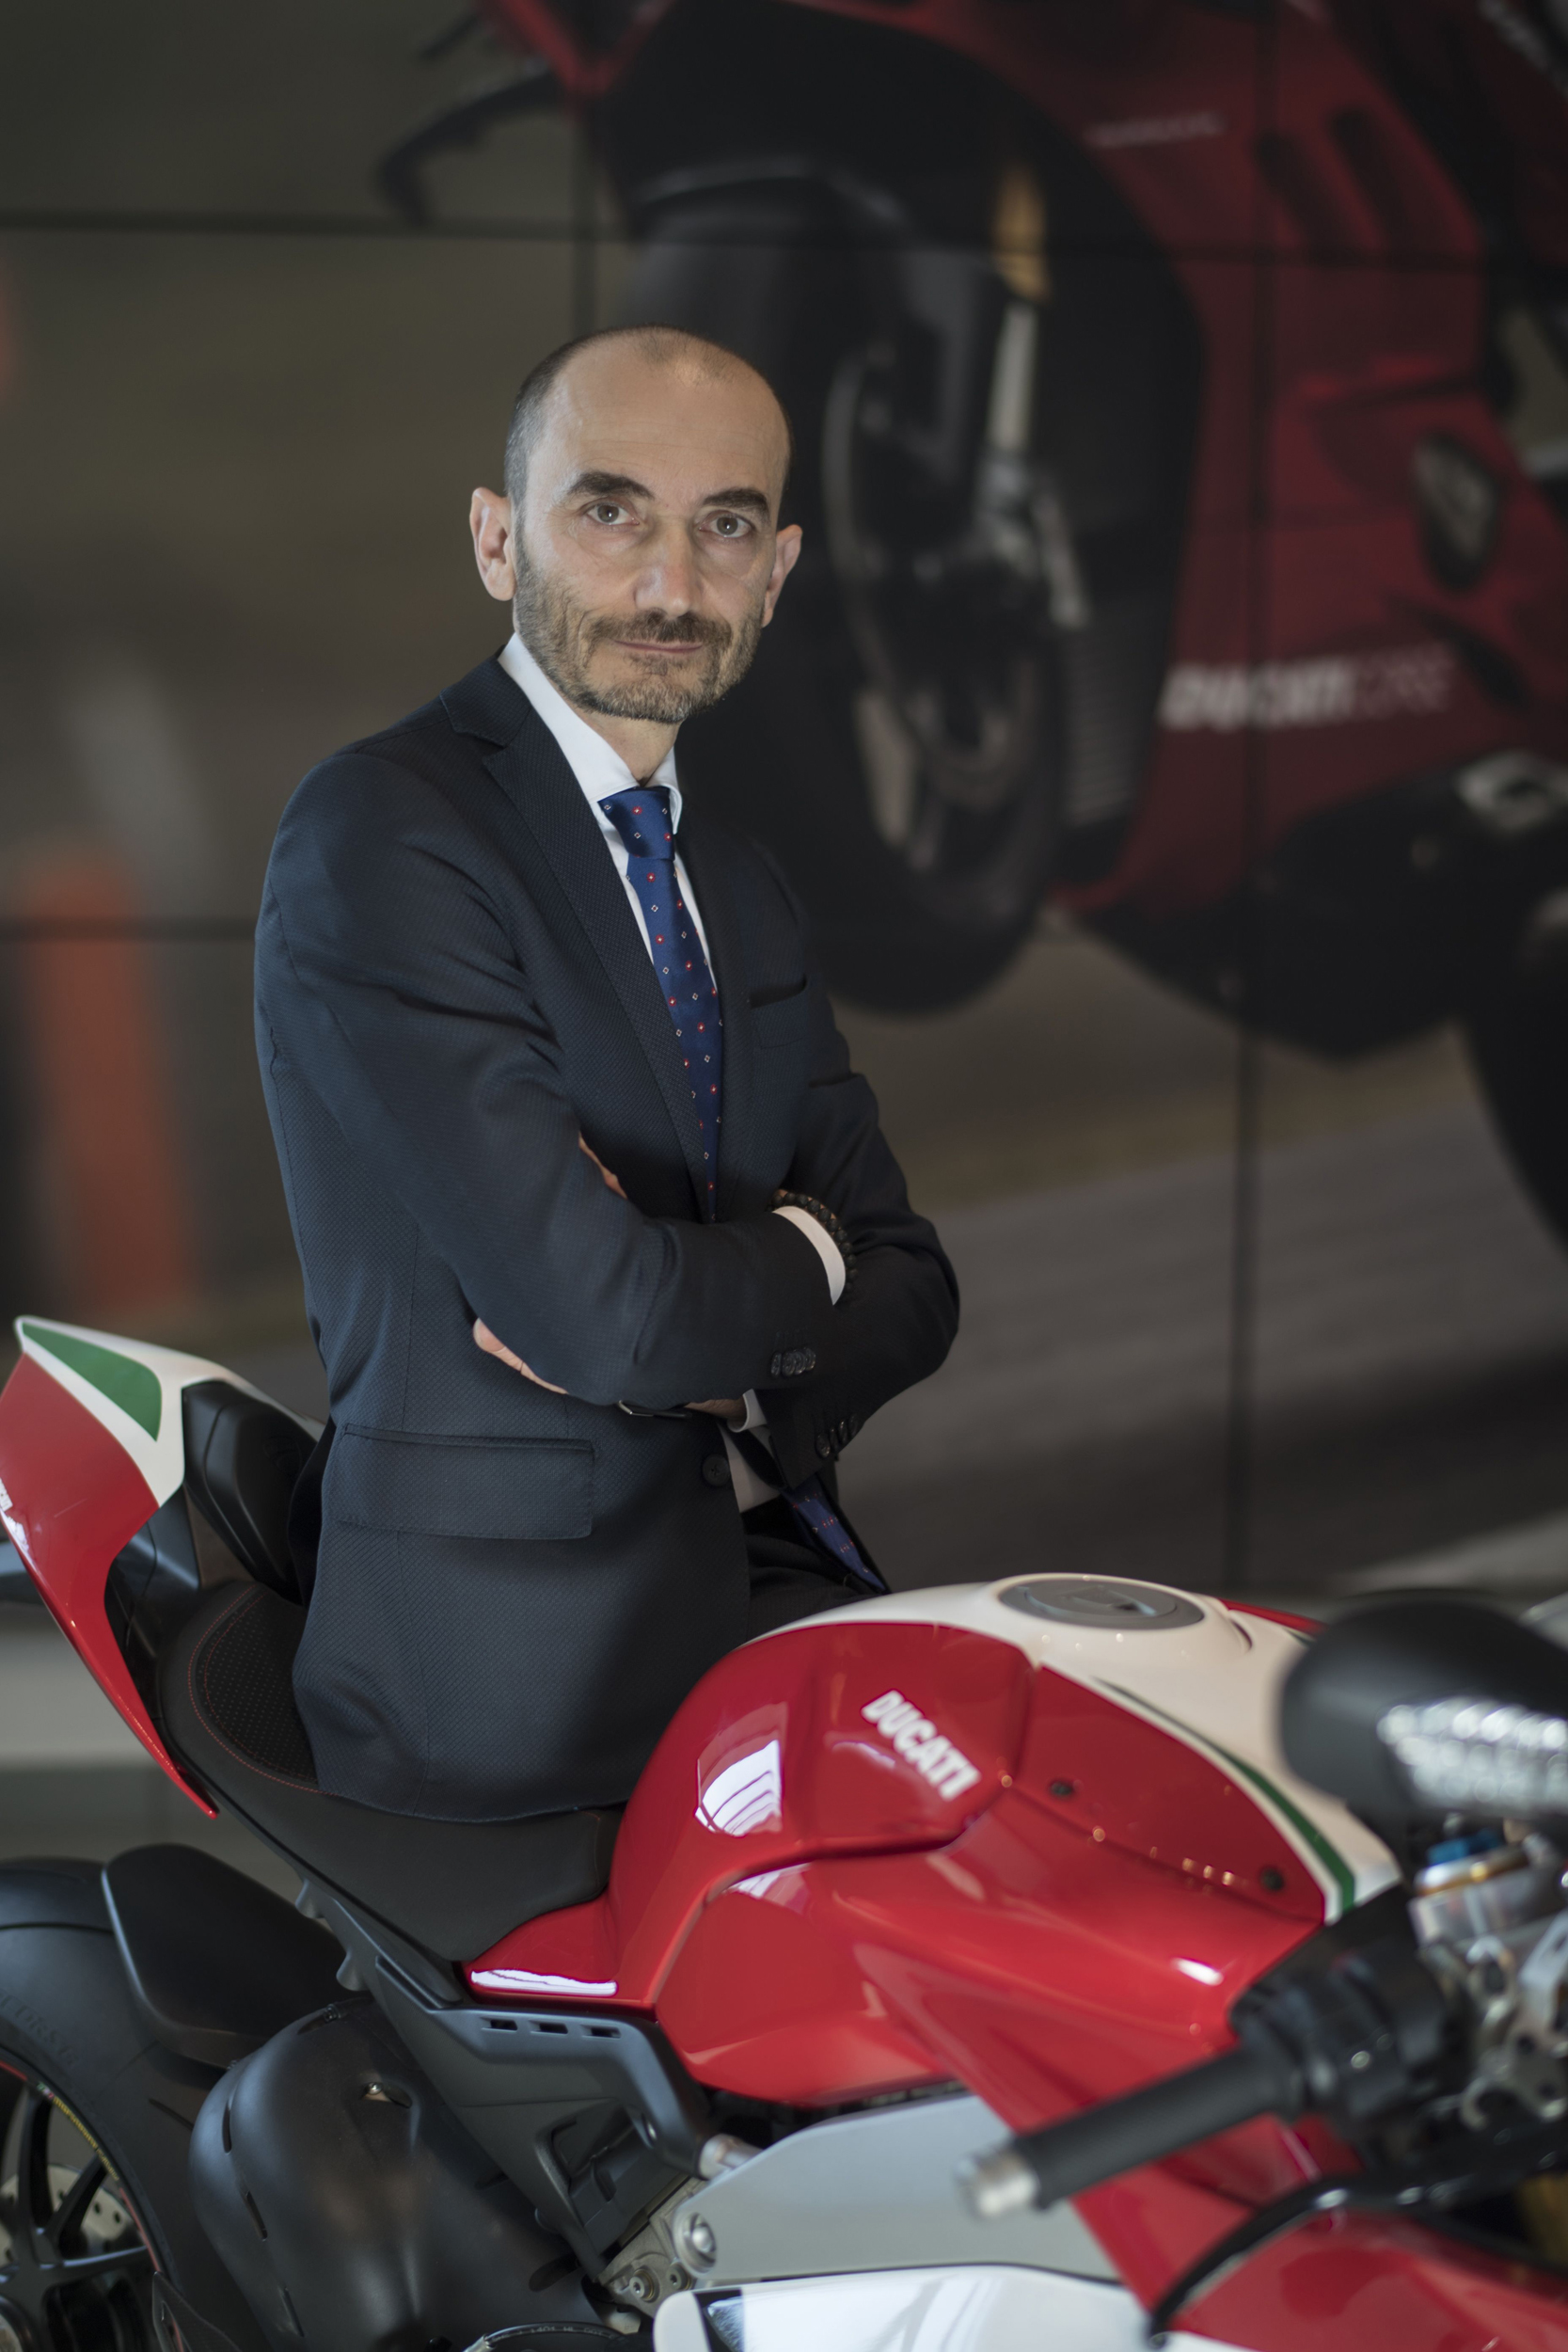 Claudio Domenicali Ducati CEO